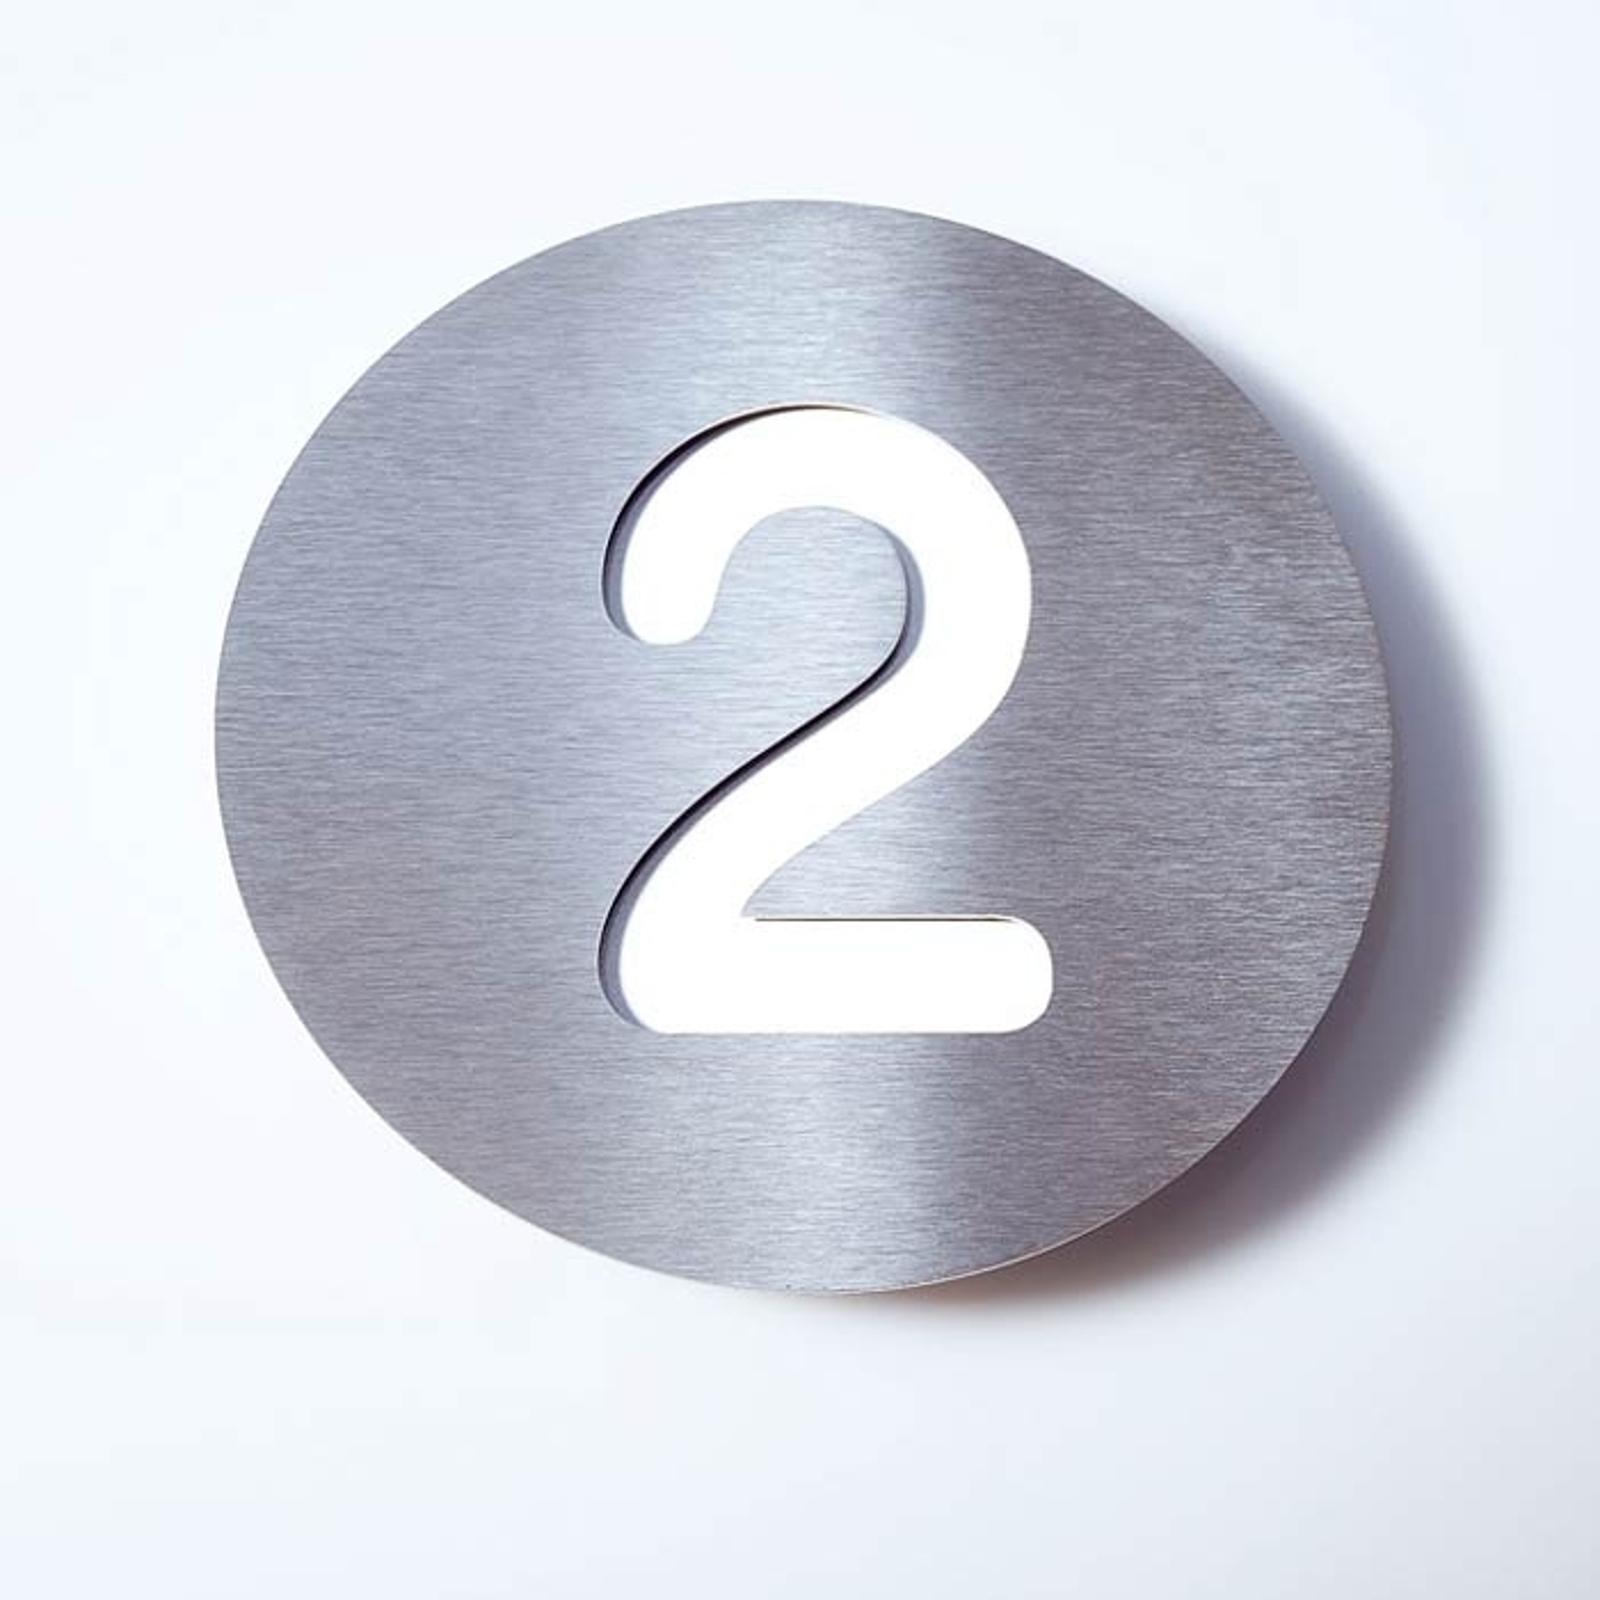 Número de casa Round de acero inoxidable - 2